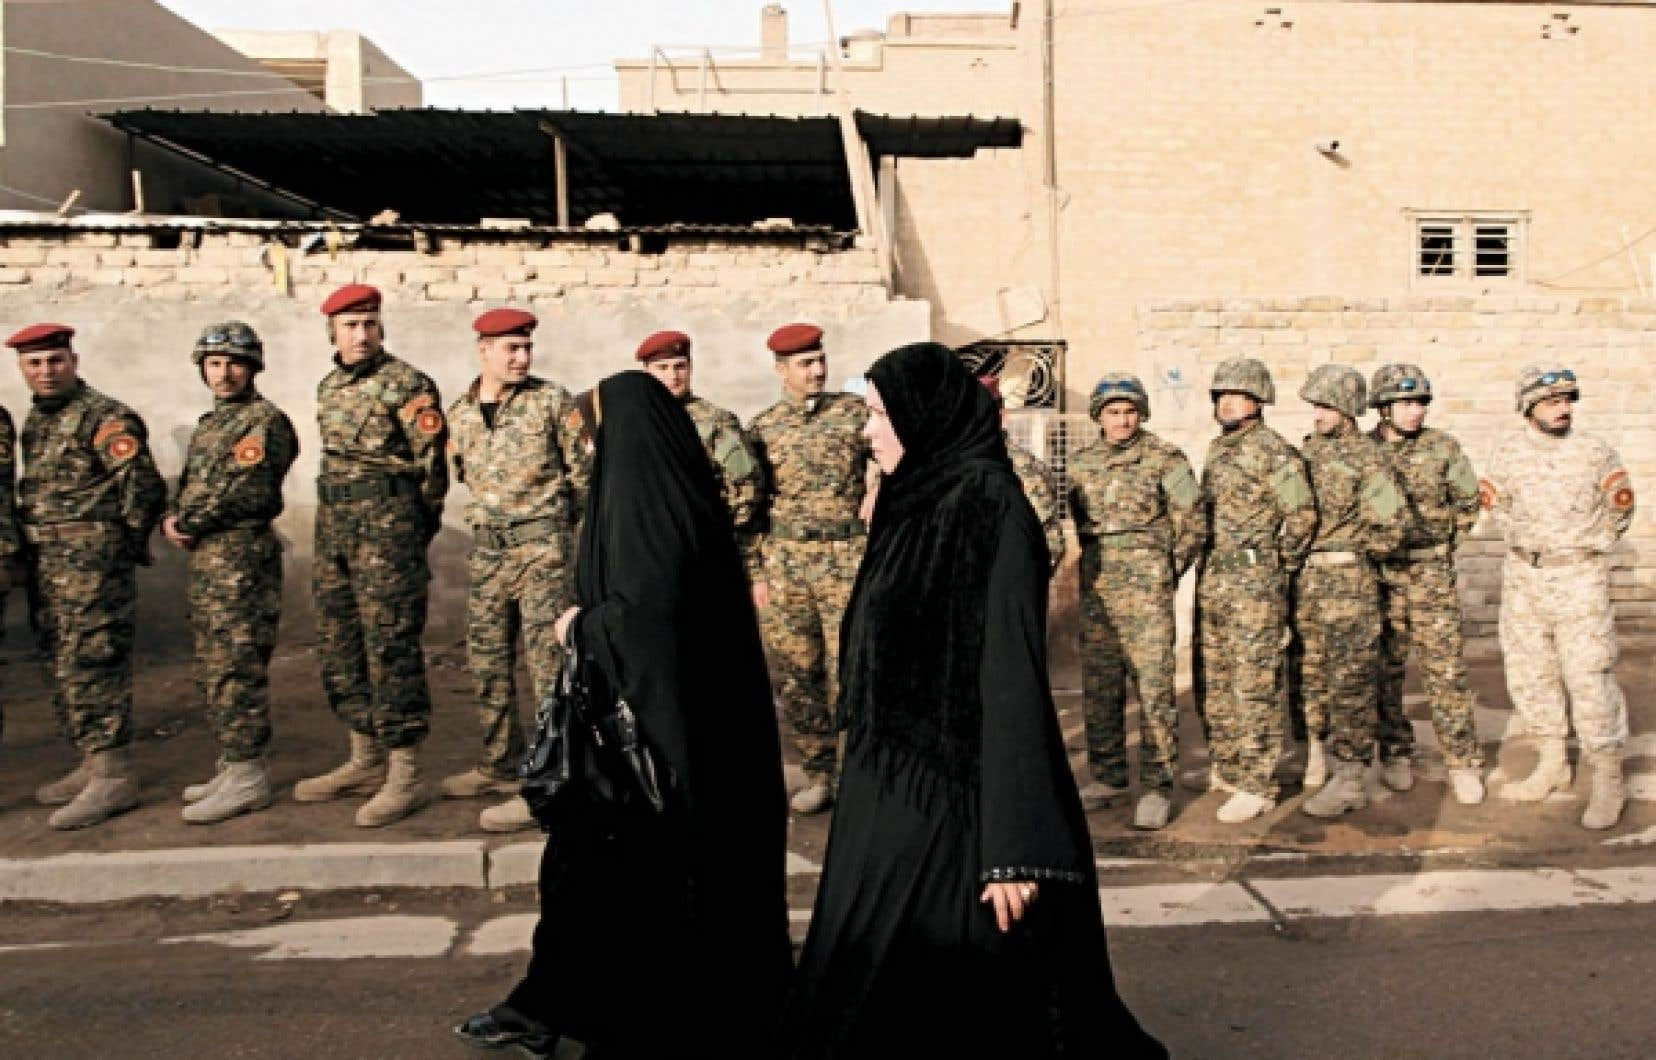 Les membres des forces de sécurité irakiennes, les prisonniers et les infirmes ont commencé à voter hier.